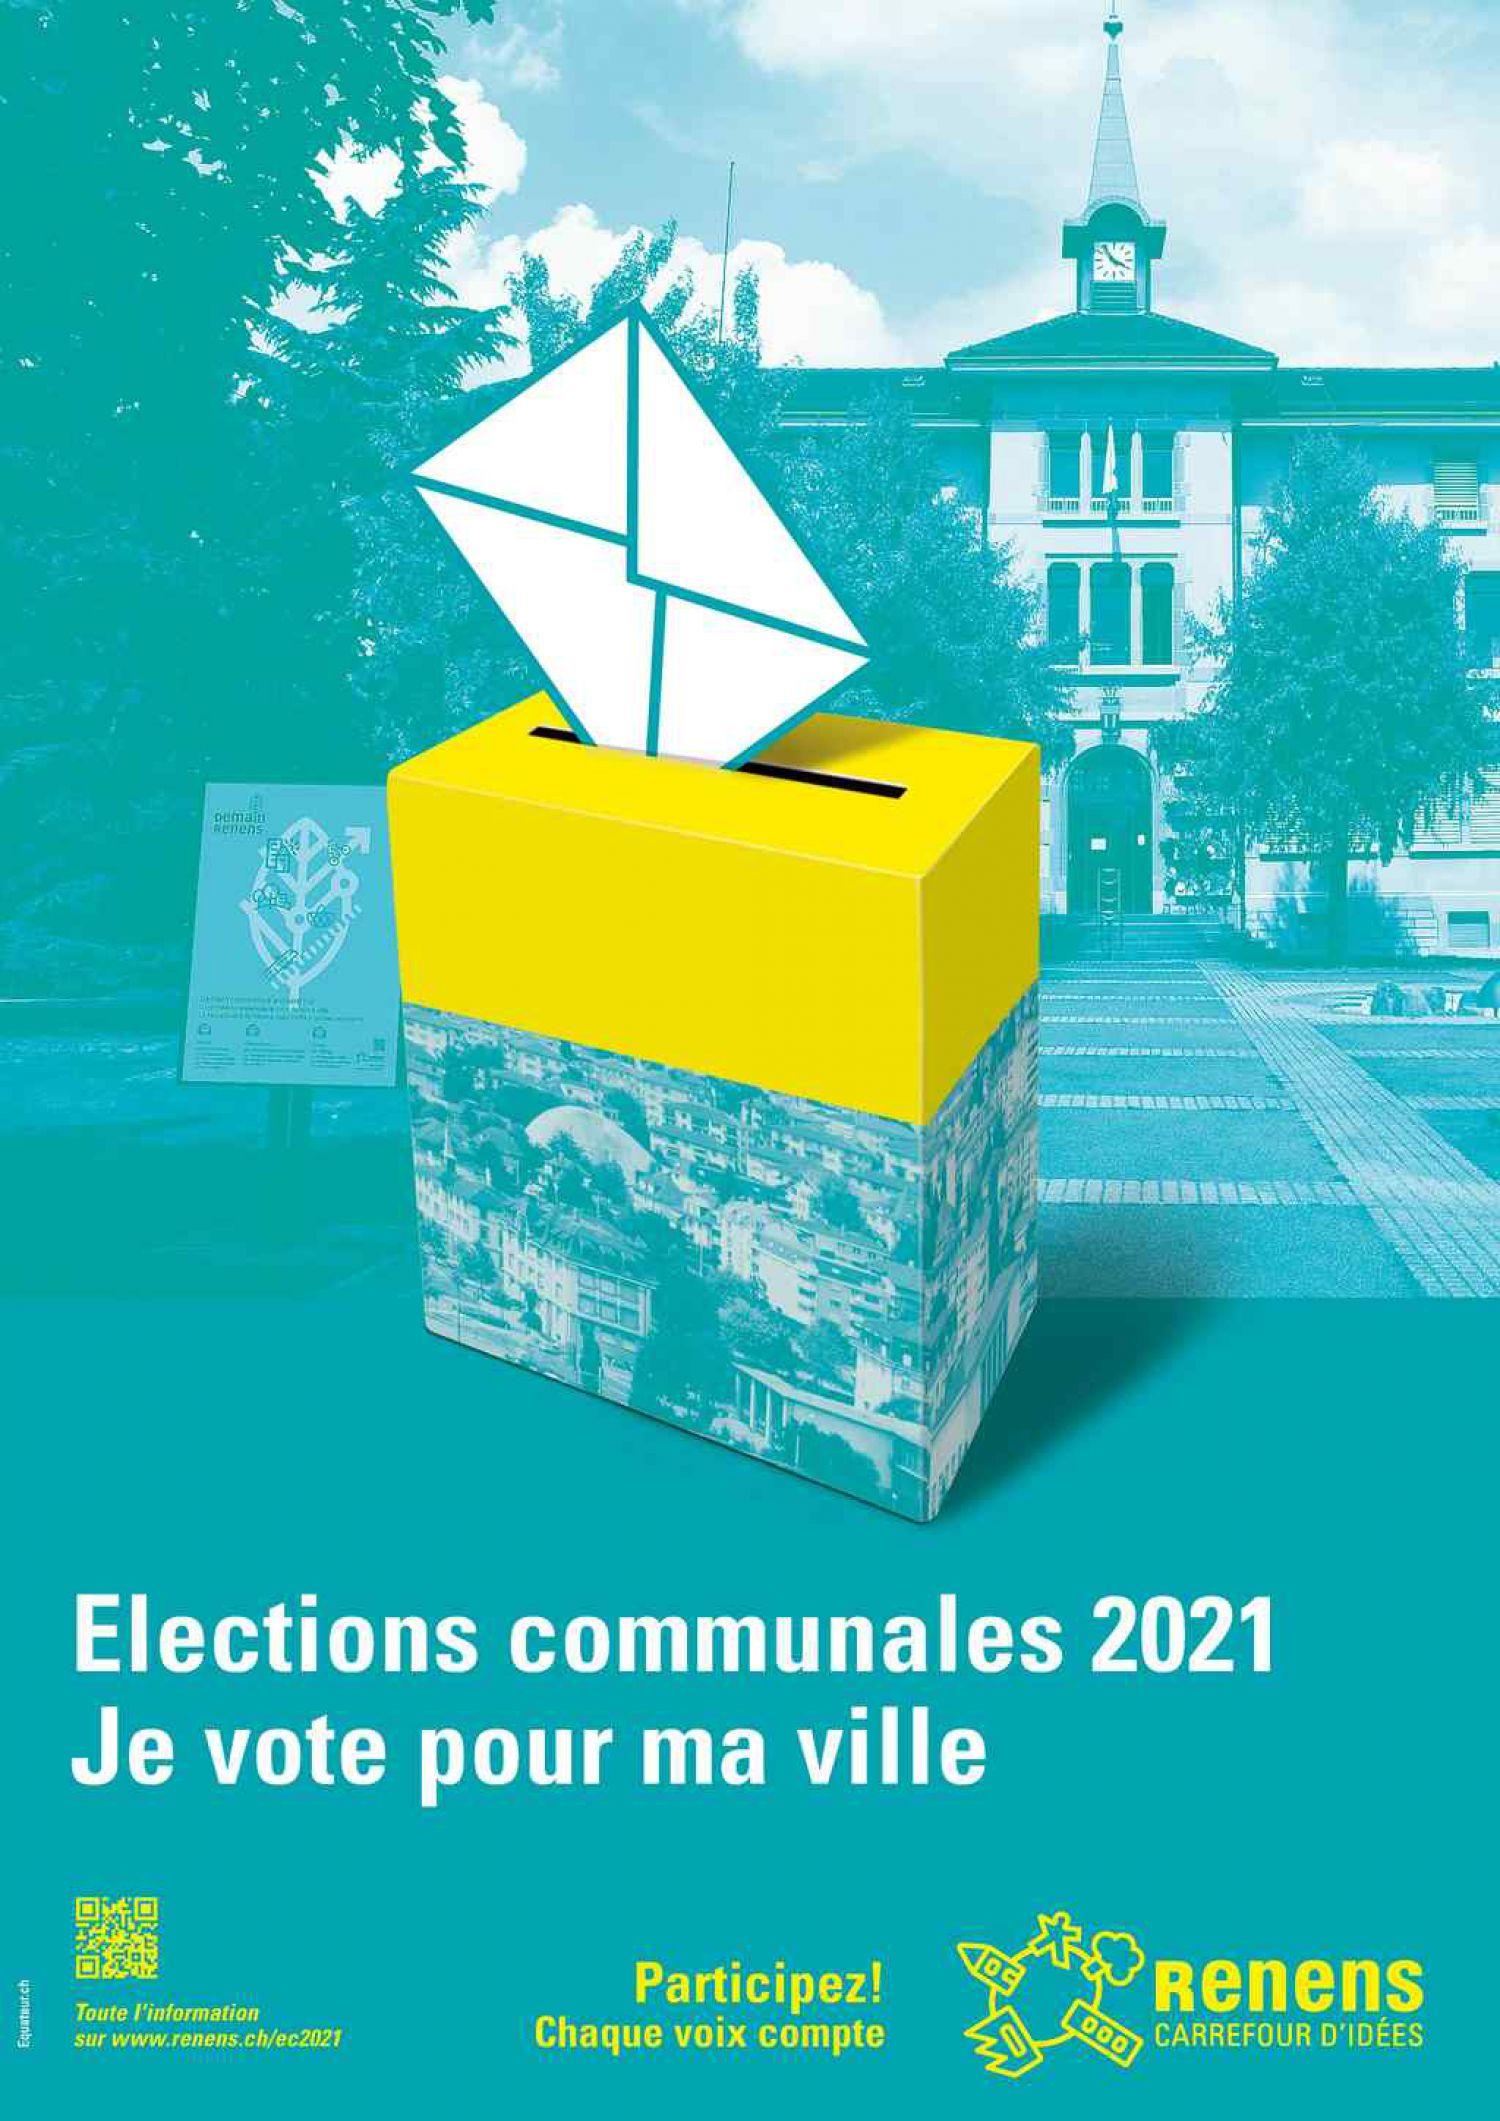 Présentation des candidatures et partis renanais aux élections communales 2021